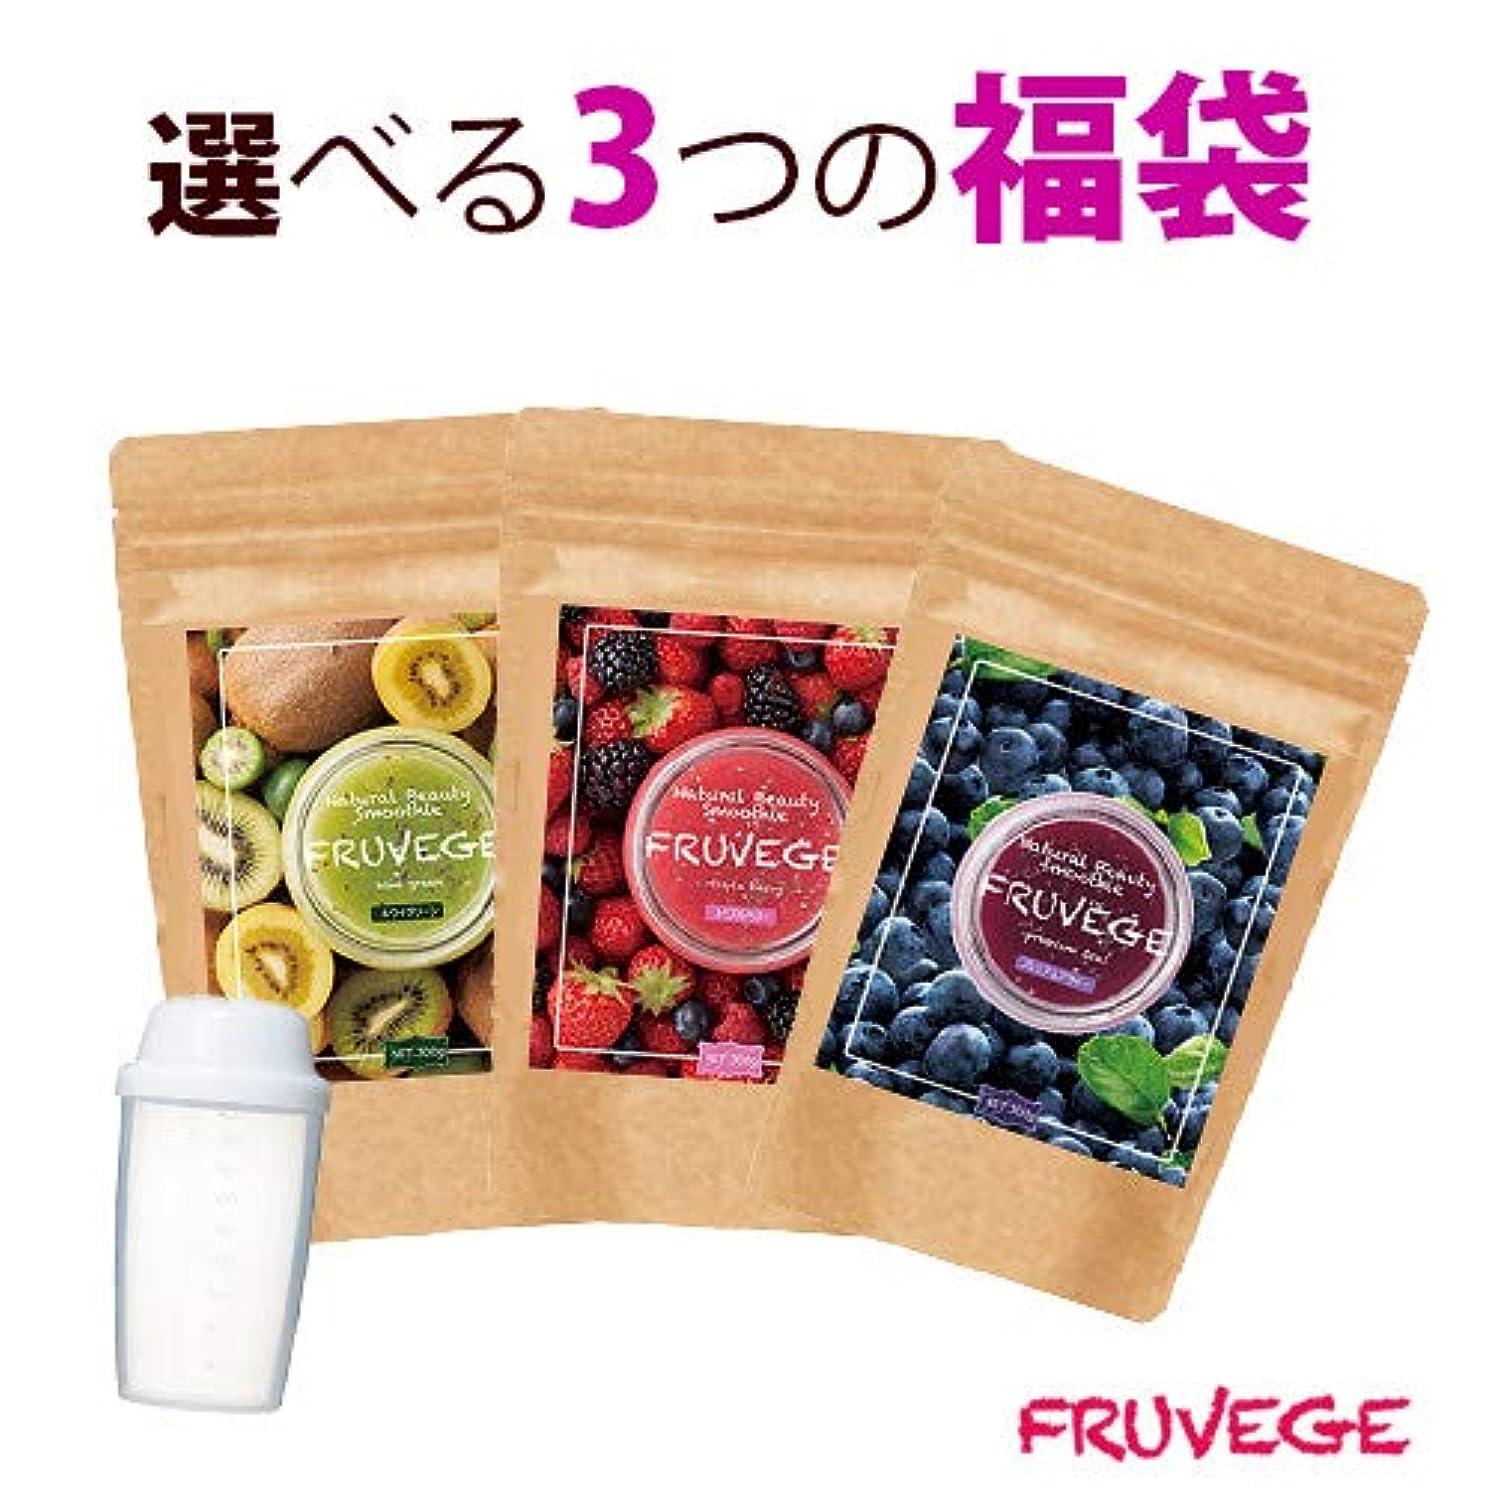 アナログ騒ぎ通貨[チアシード×スムージー (Aセット)]3袋+プレゼント (300g×3袋 約150杯分)福袋 フルベジ アサイー スーパーフード ダイエット 粉末